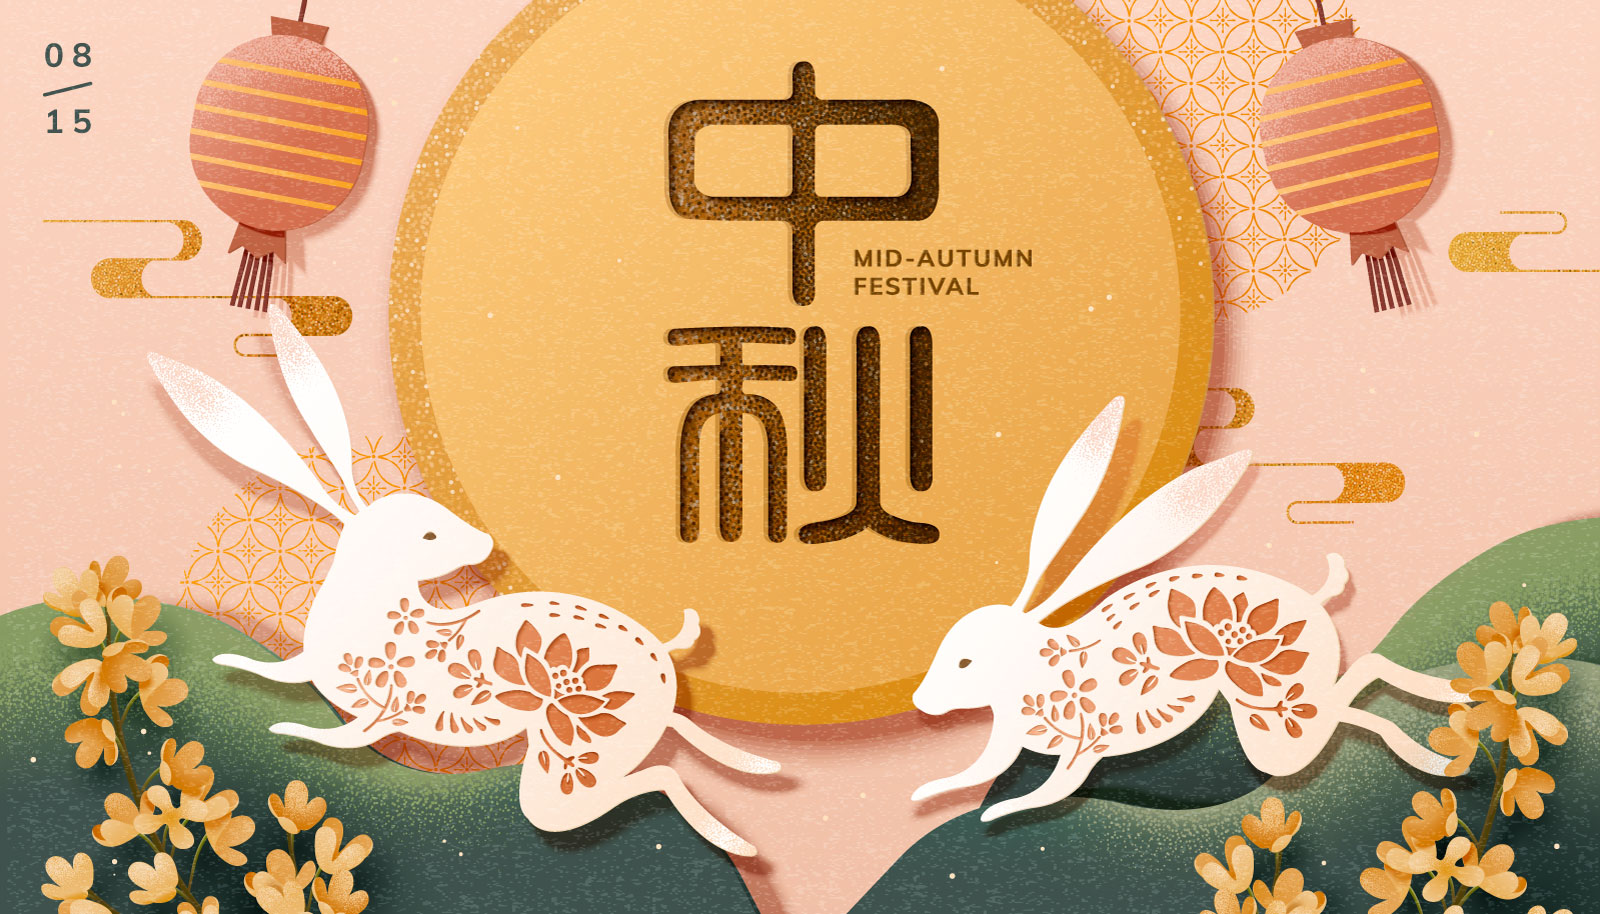 38款中国风中秋节主视觉海报插画AI广告设计素材源文件 Mid Autumn Festival Vector Pattern插图(16)